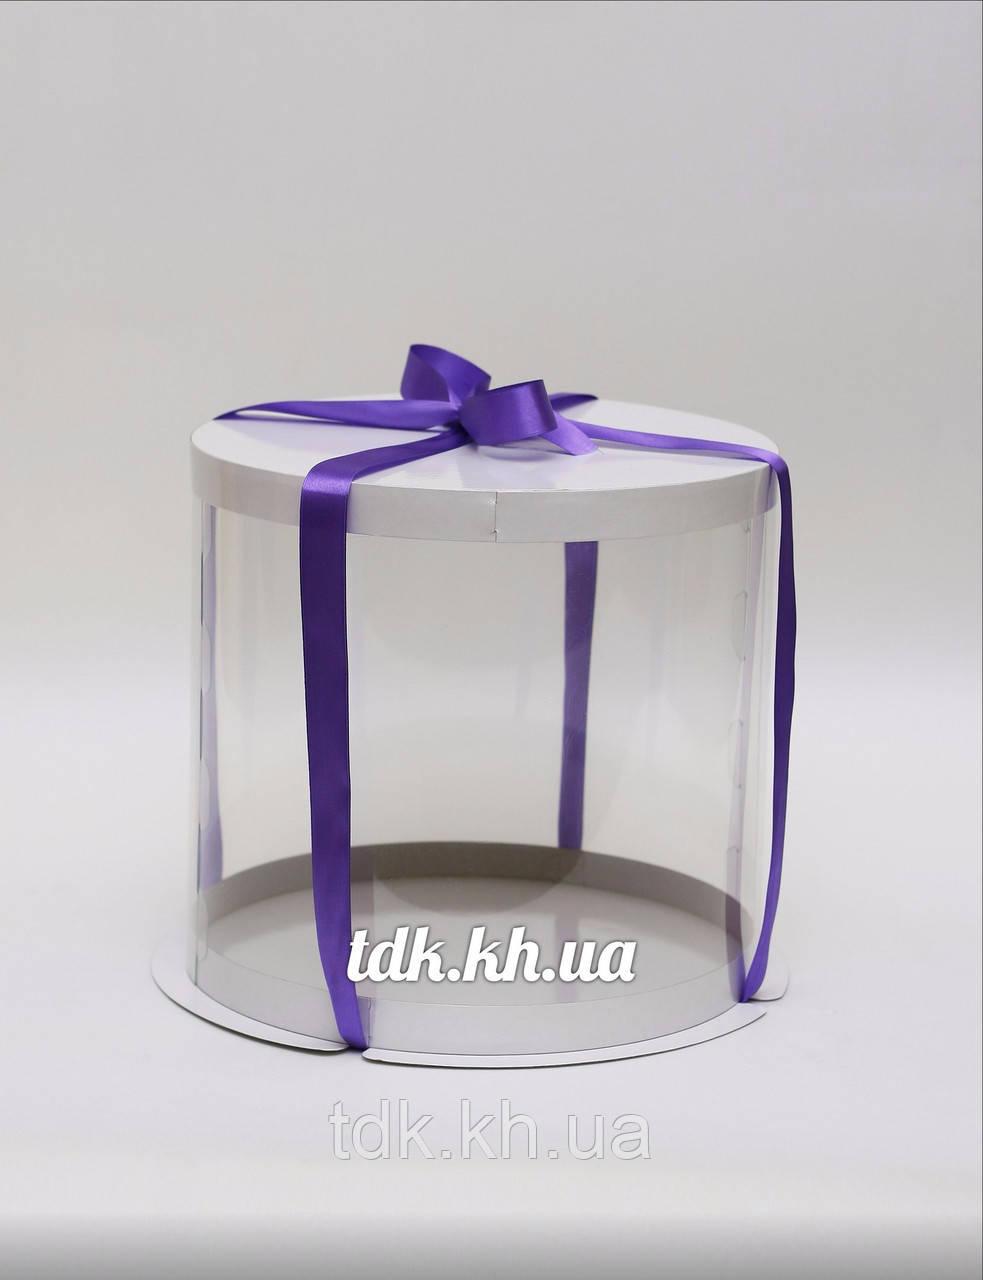 Коробка для торта белая с прозрачной стенкой Ø35 H40